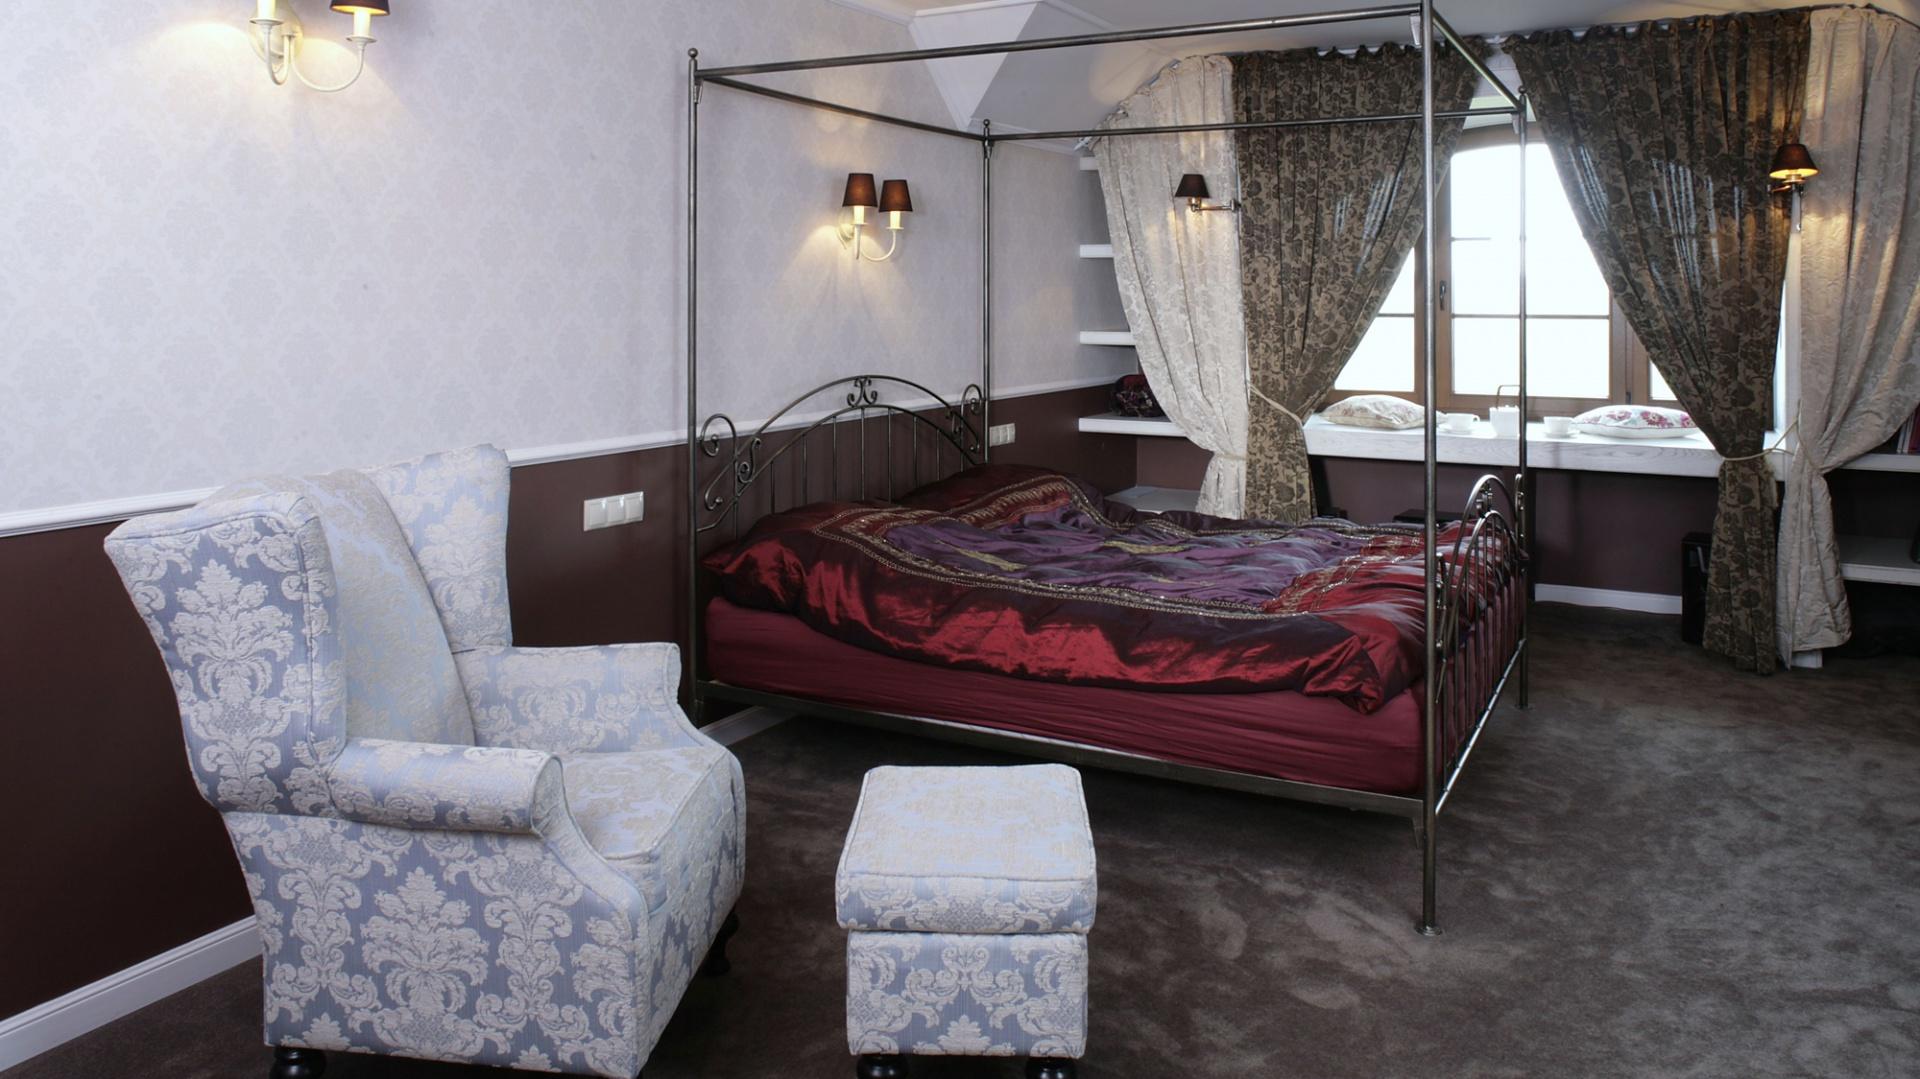 """Fotel popularnie zwany """"uszatkiem"""", w połączeniu z obszernym, małżeńskim łożem, nadaje sypialni charakter pałacowej komnaty. Czekoladowe abażury kinkietów (Darty Luz) współgrają kolorystycznie z drewnianą lamperią, dywanem i zasłonami. Fot. Monika Filipiuk."""